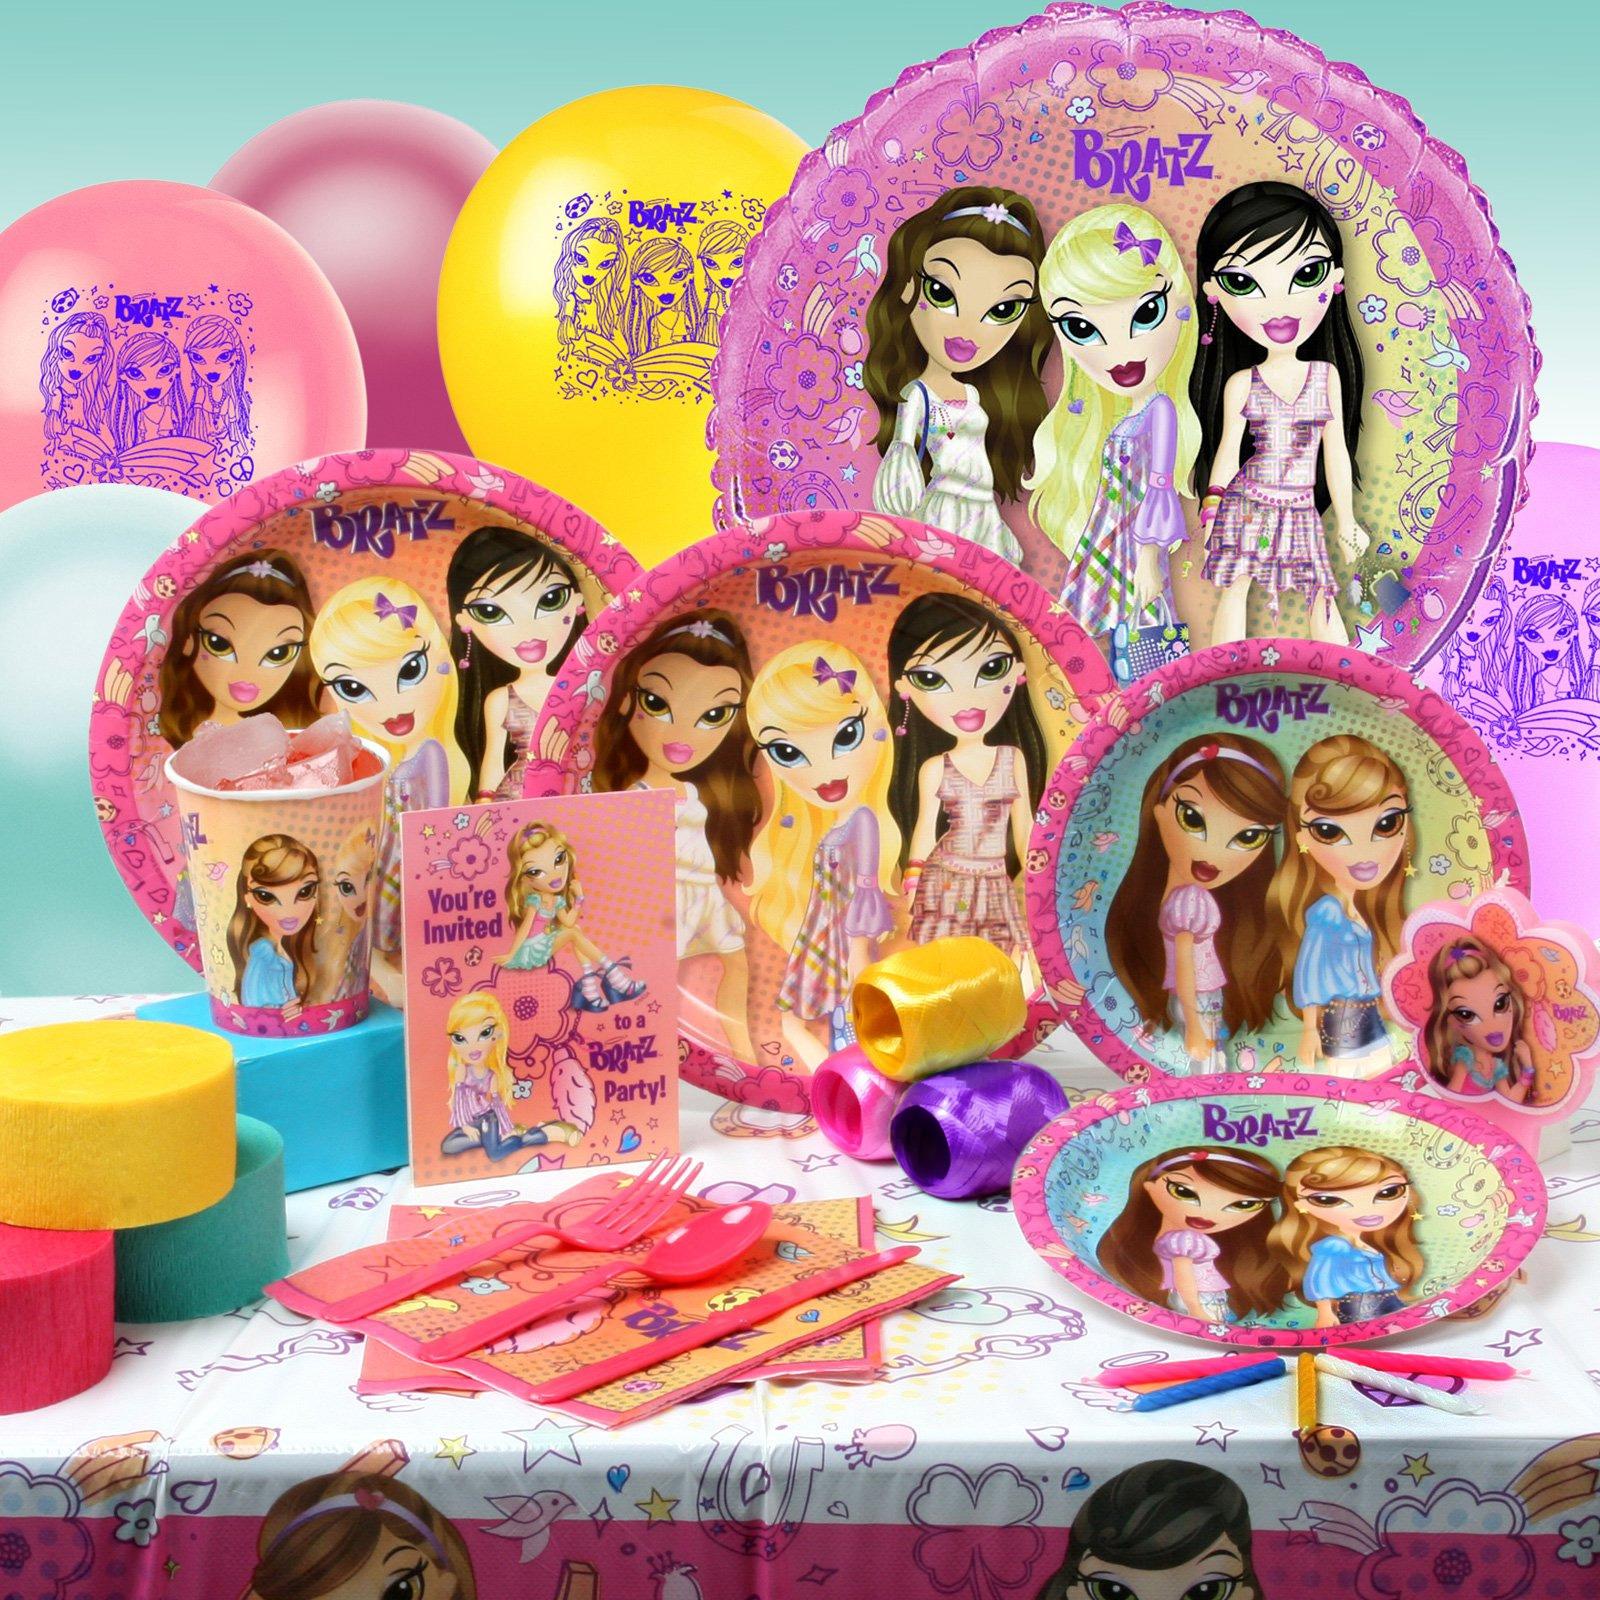 http://images.buycostumes.com/mgen/merchandiser/36507.jpg